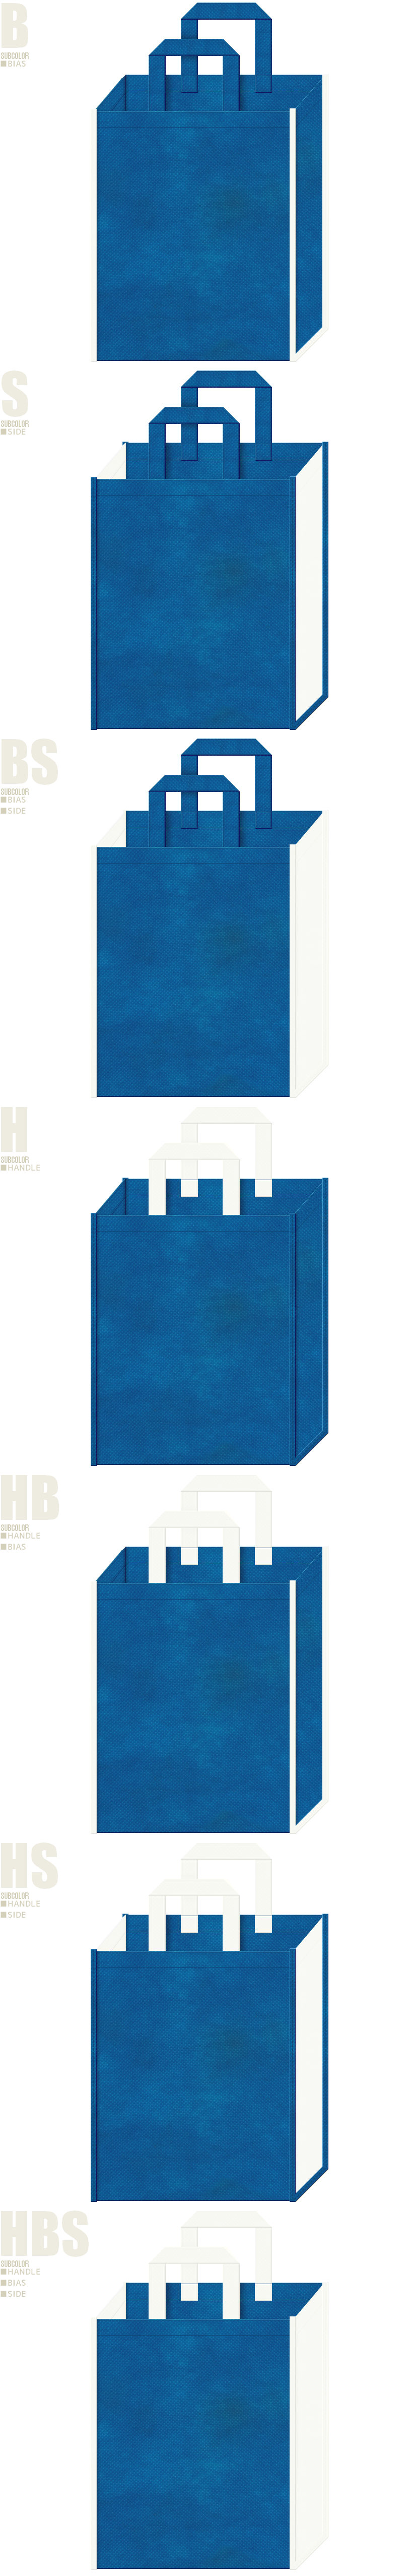 水と環境・水資源・CO2削減・環境セミナー・環境イベント・ボート・ヨット・飛行機・IT・AI・LED・IOT・センサー・電子部品・ロボット・ラジコン・水素自動車・ドライブレコーダー・防犯カメラ・セキュリティの展示会用バッグにお奨めの不織布バッグデザイン:青色とオフホワイト色の配色7パターン